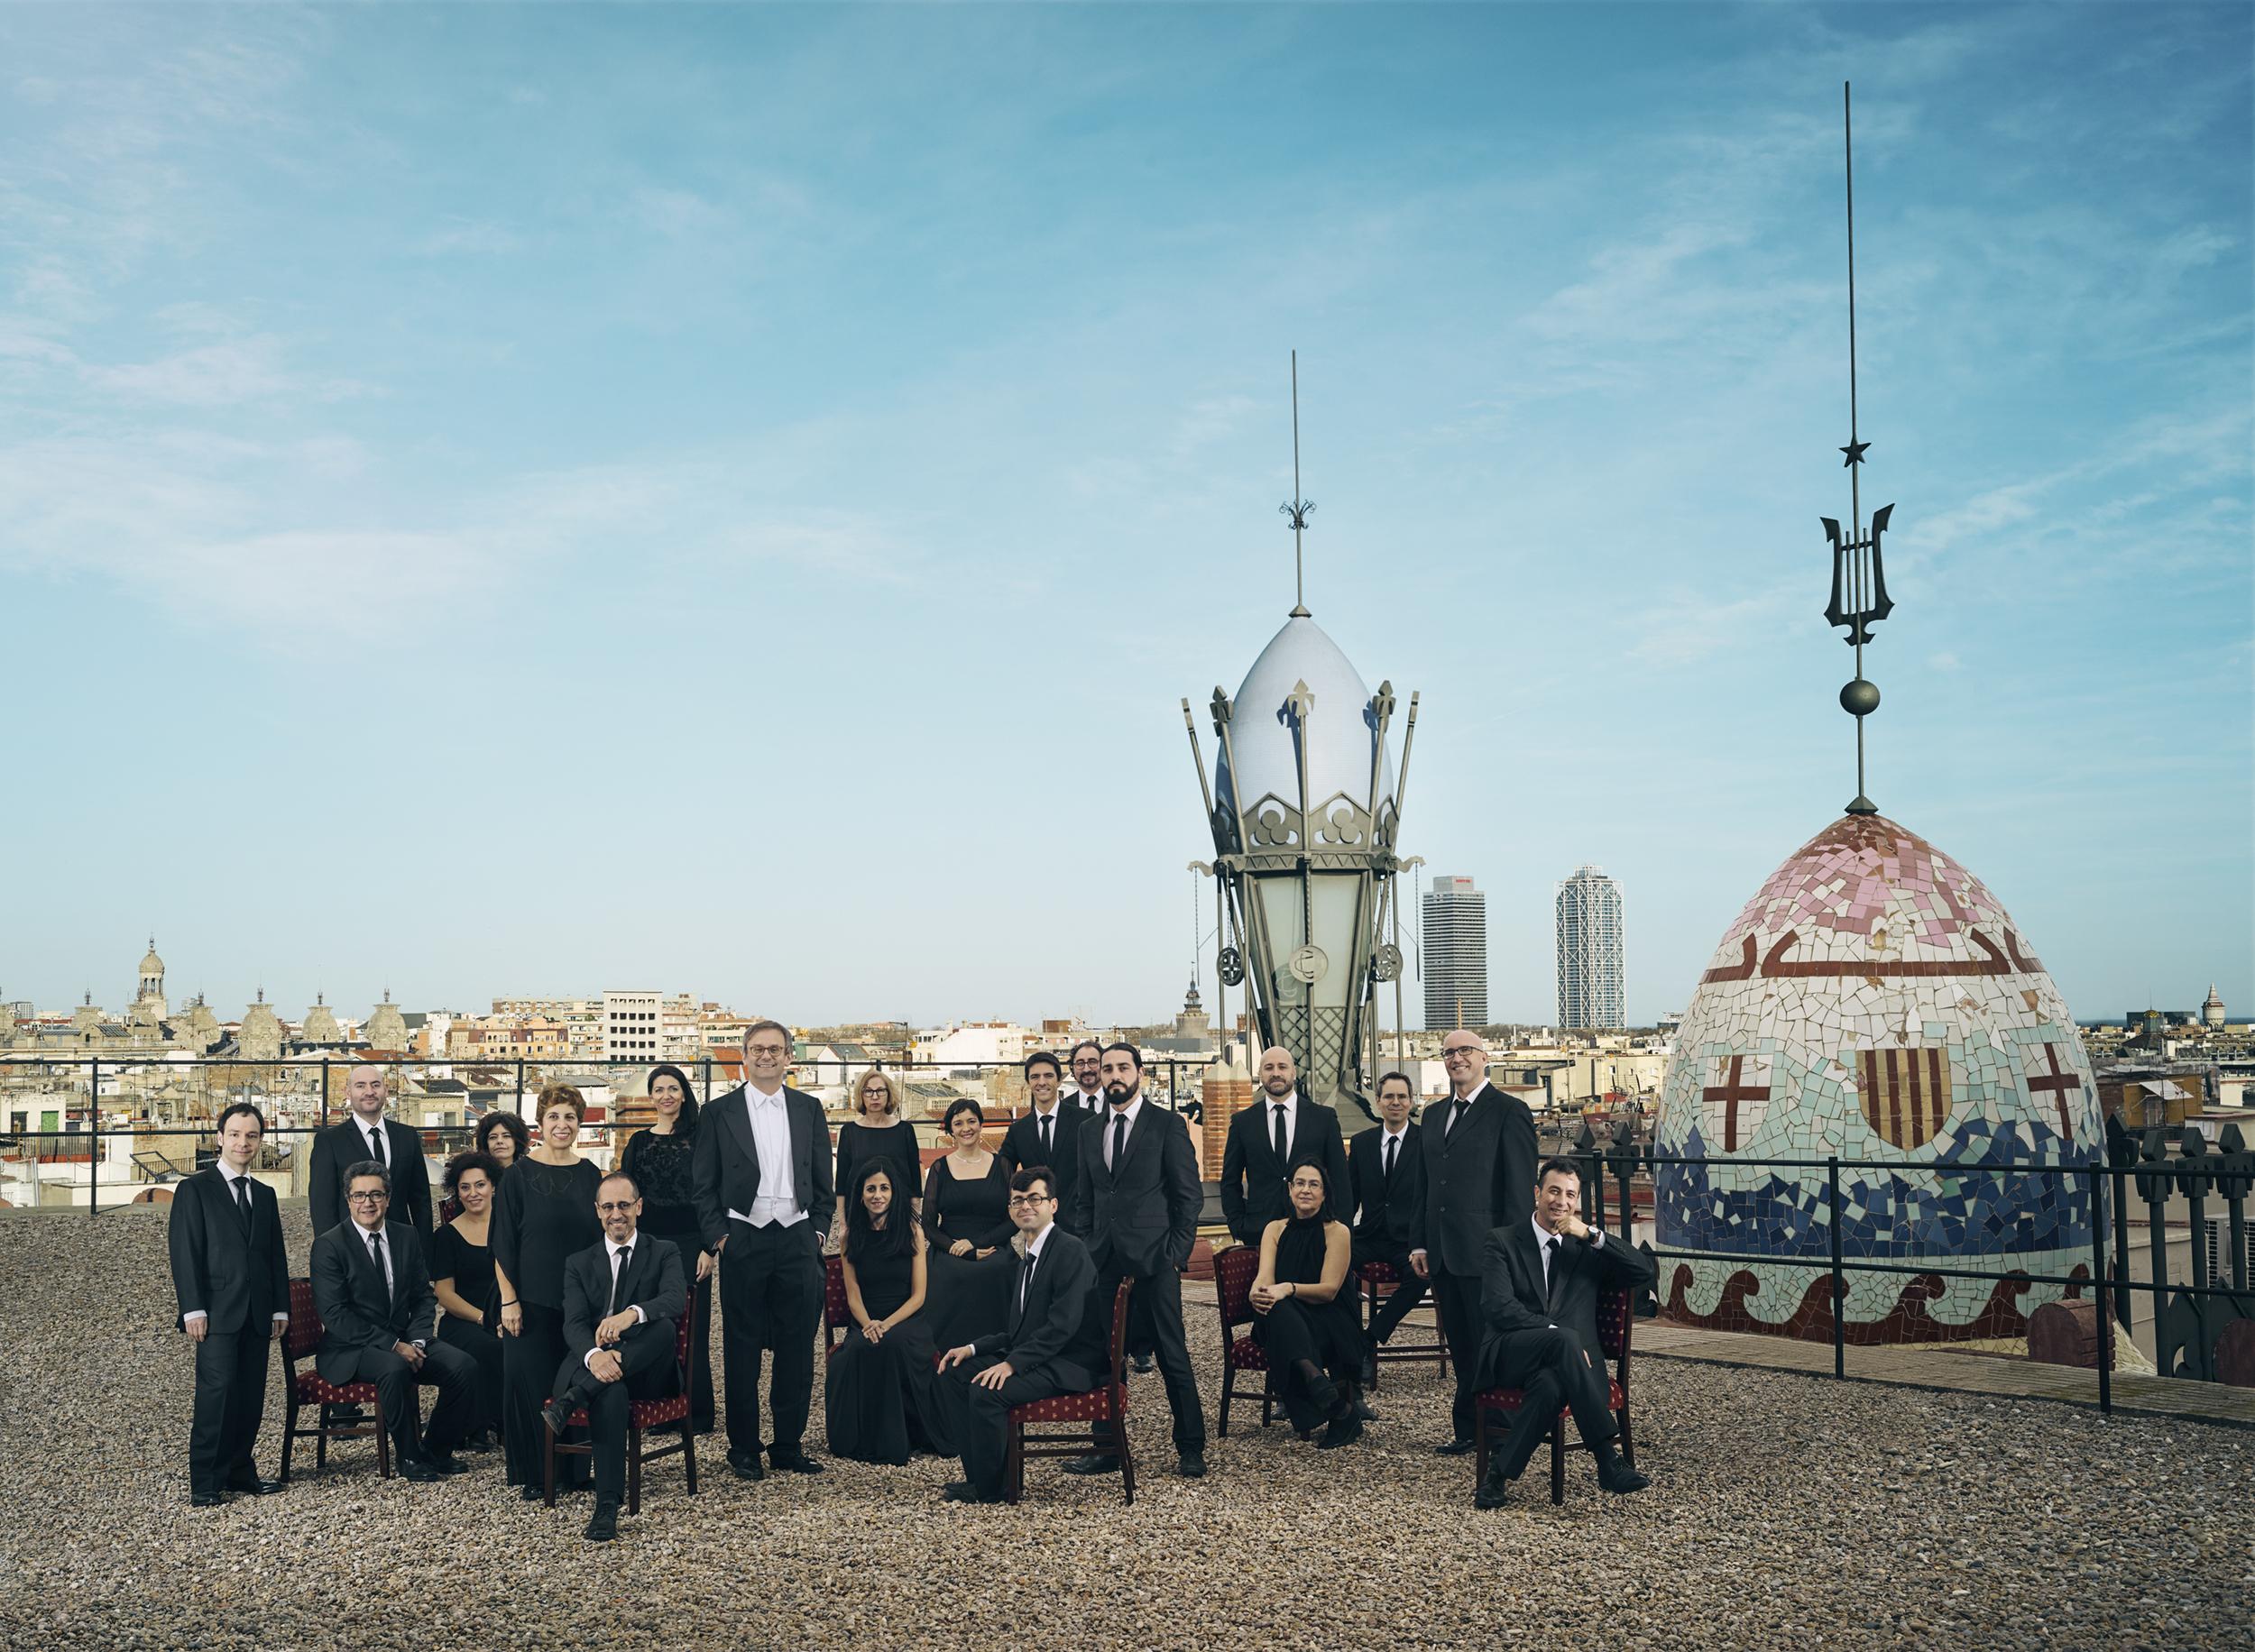 La Sinfónica de Tenerife ofrece un doble concierto del Oratorio de Navidad de Bach